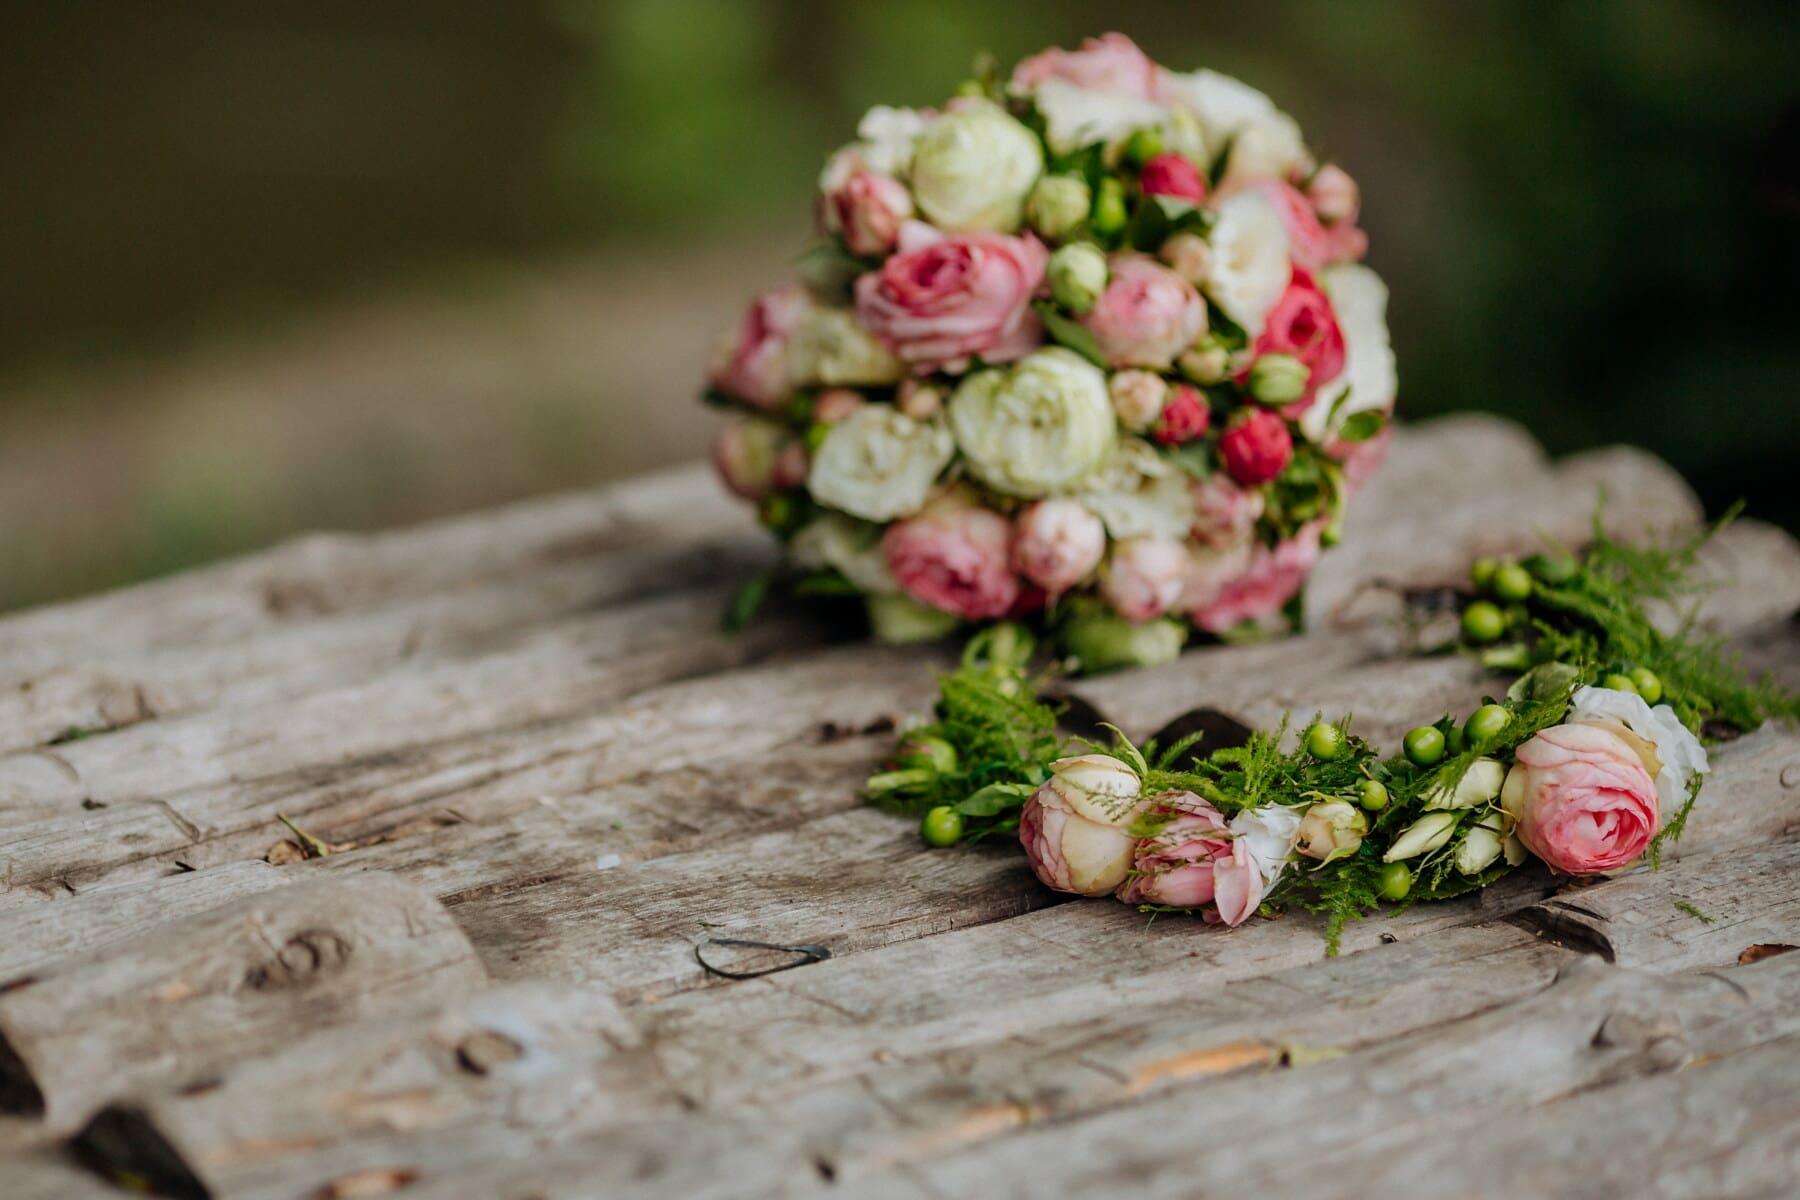 bouquet, décoration, fleur, nature, Rose, feuille, été, nature morte, romance, engagement